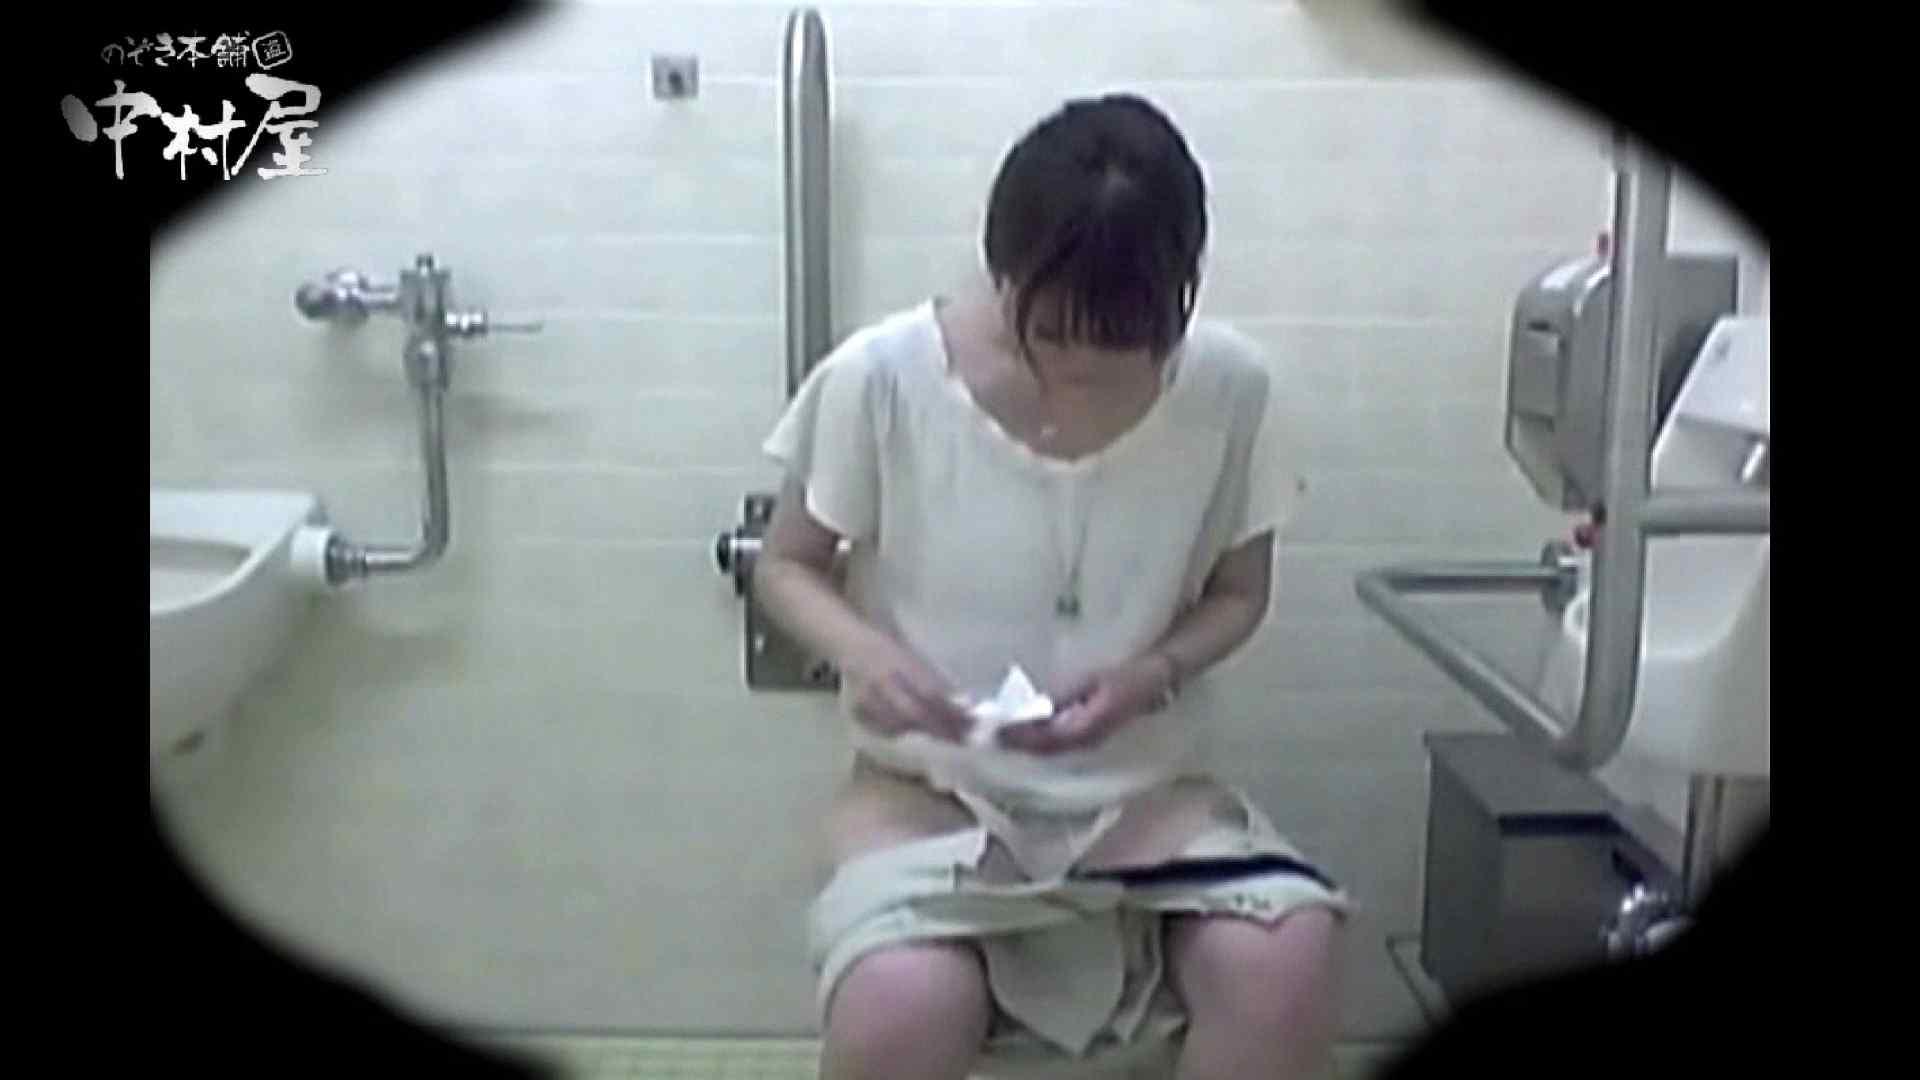 teen galトイレ覗き紙がナイ編‼vol.10 トイレ | 浴衣 盗撮 100PIX 85